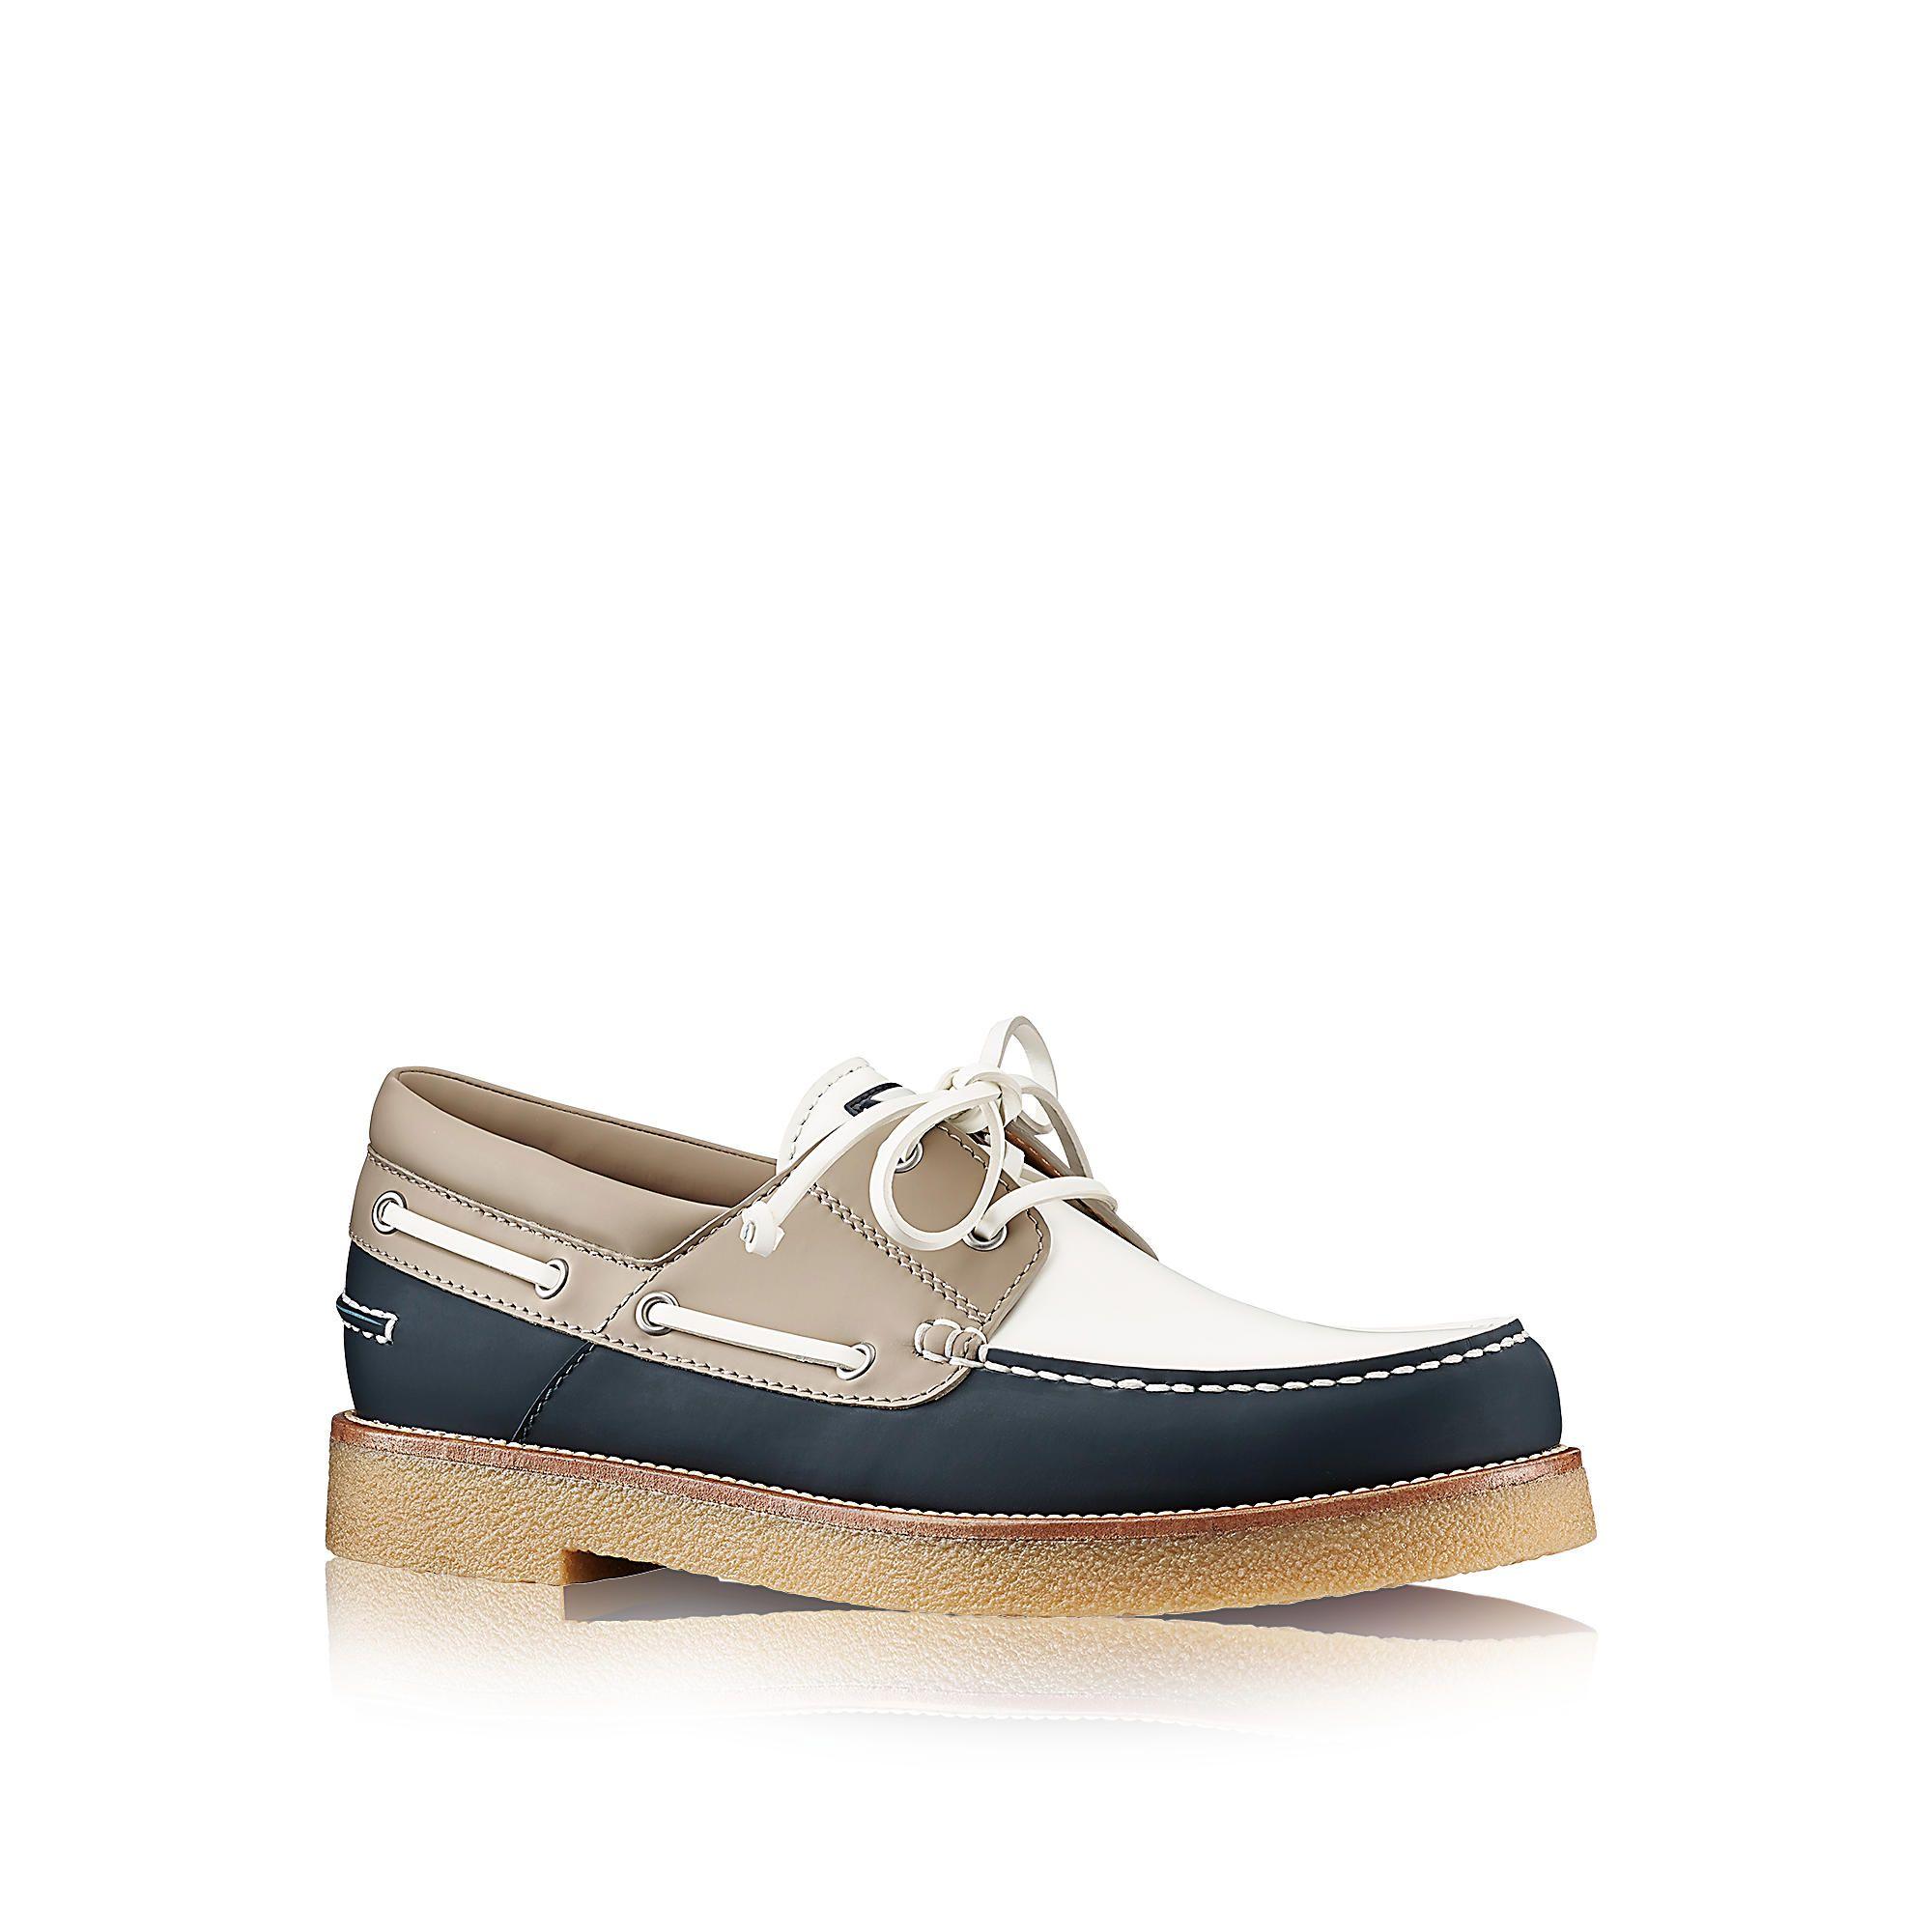 Louis Vuitton: Sailor Boat Shoe